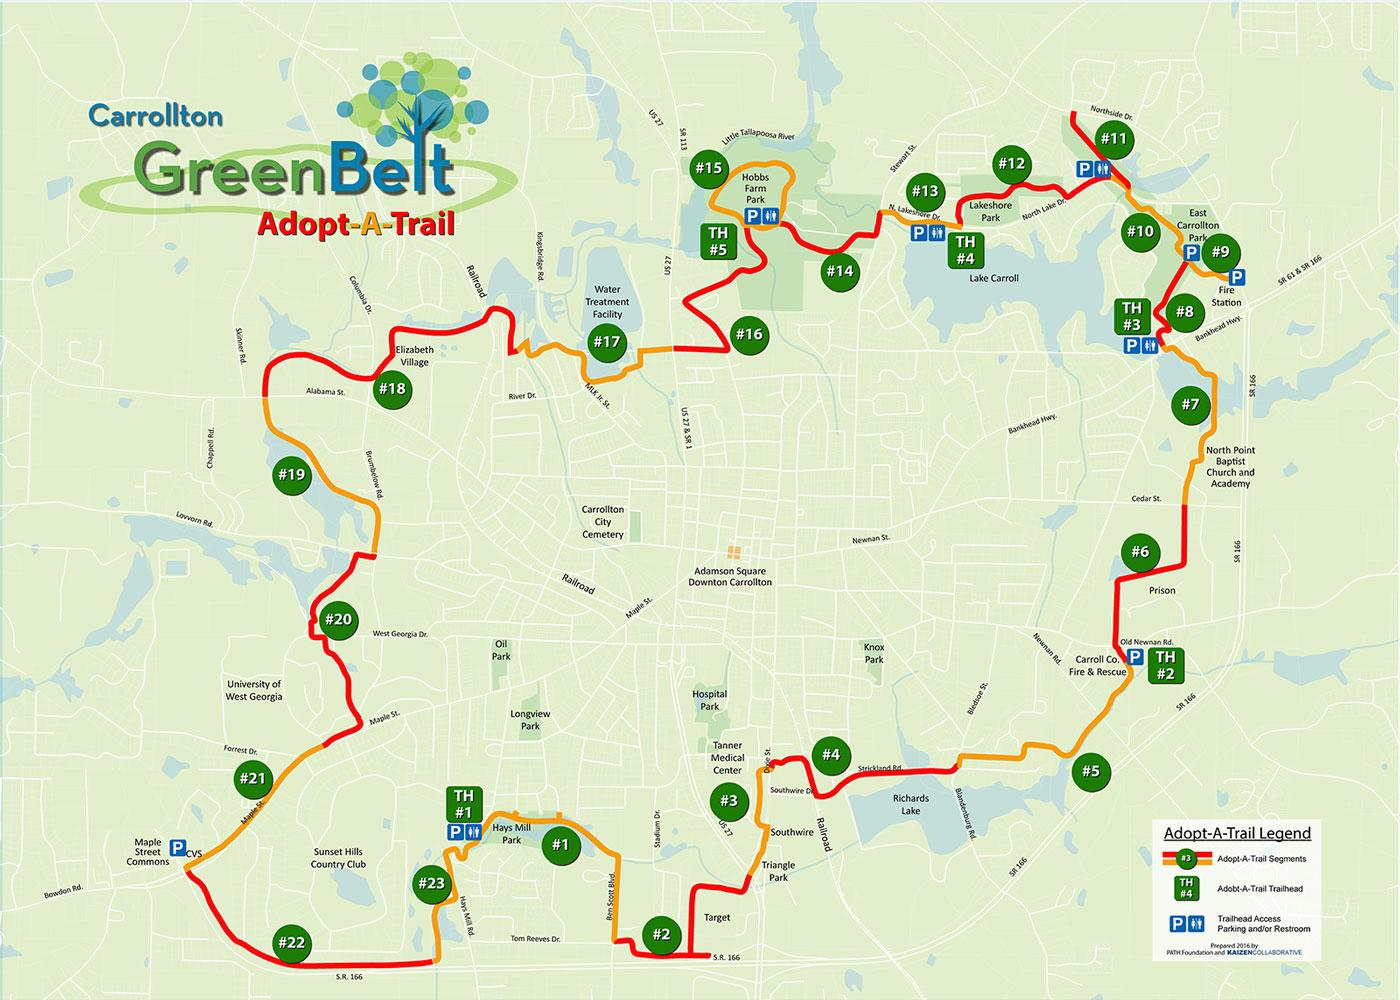 Green Belt Aat Map 2016